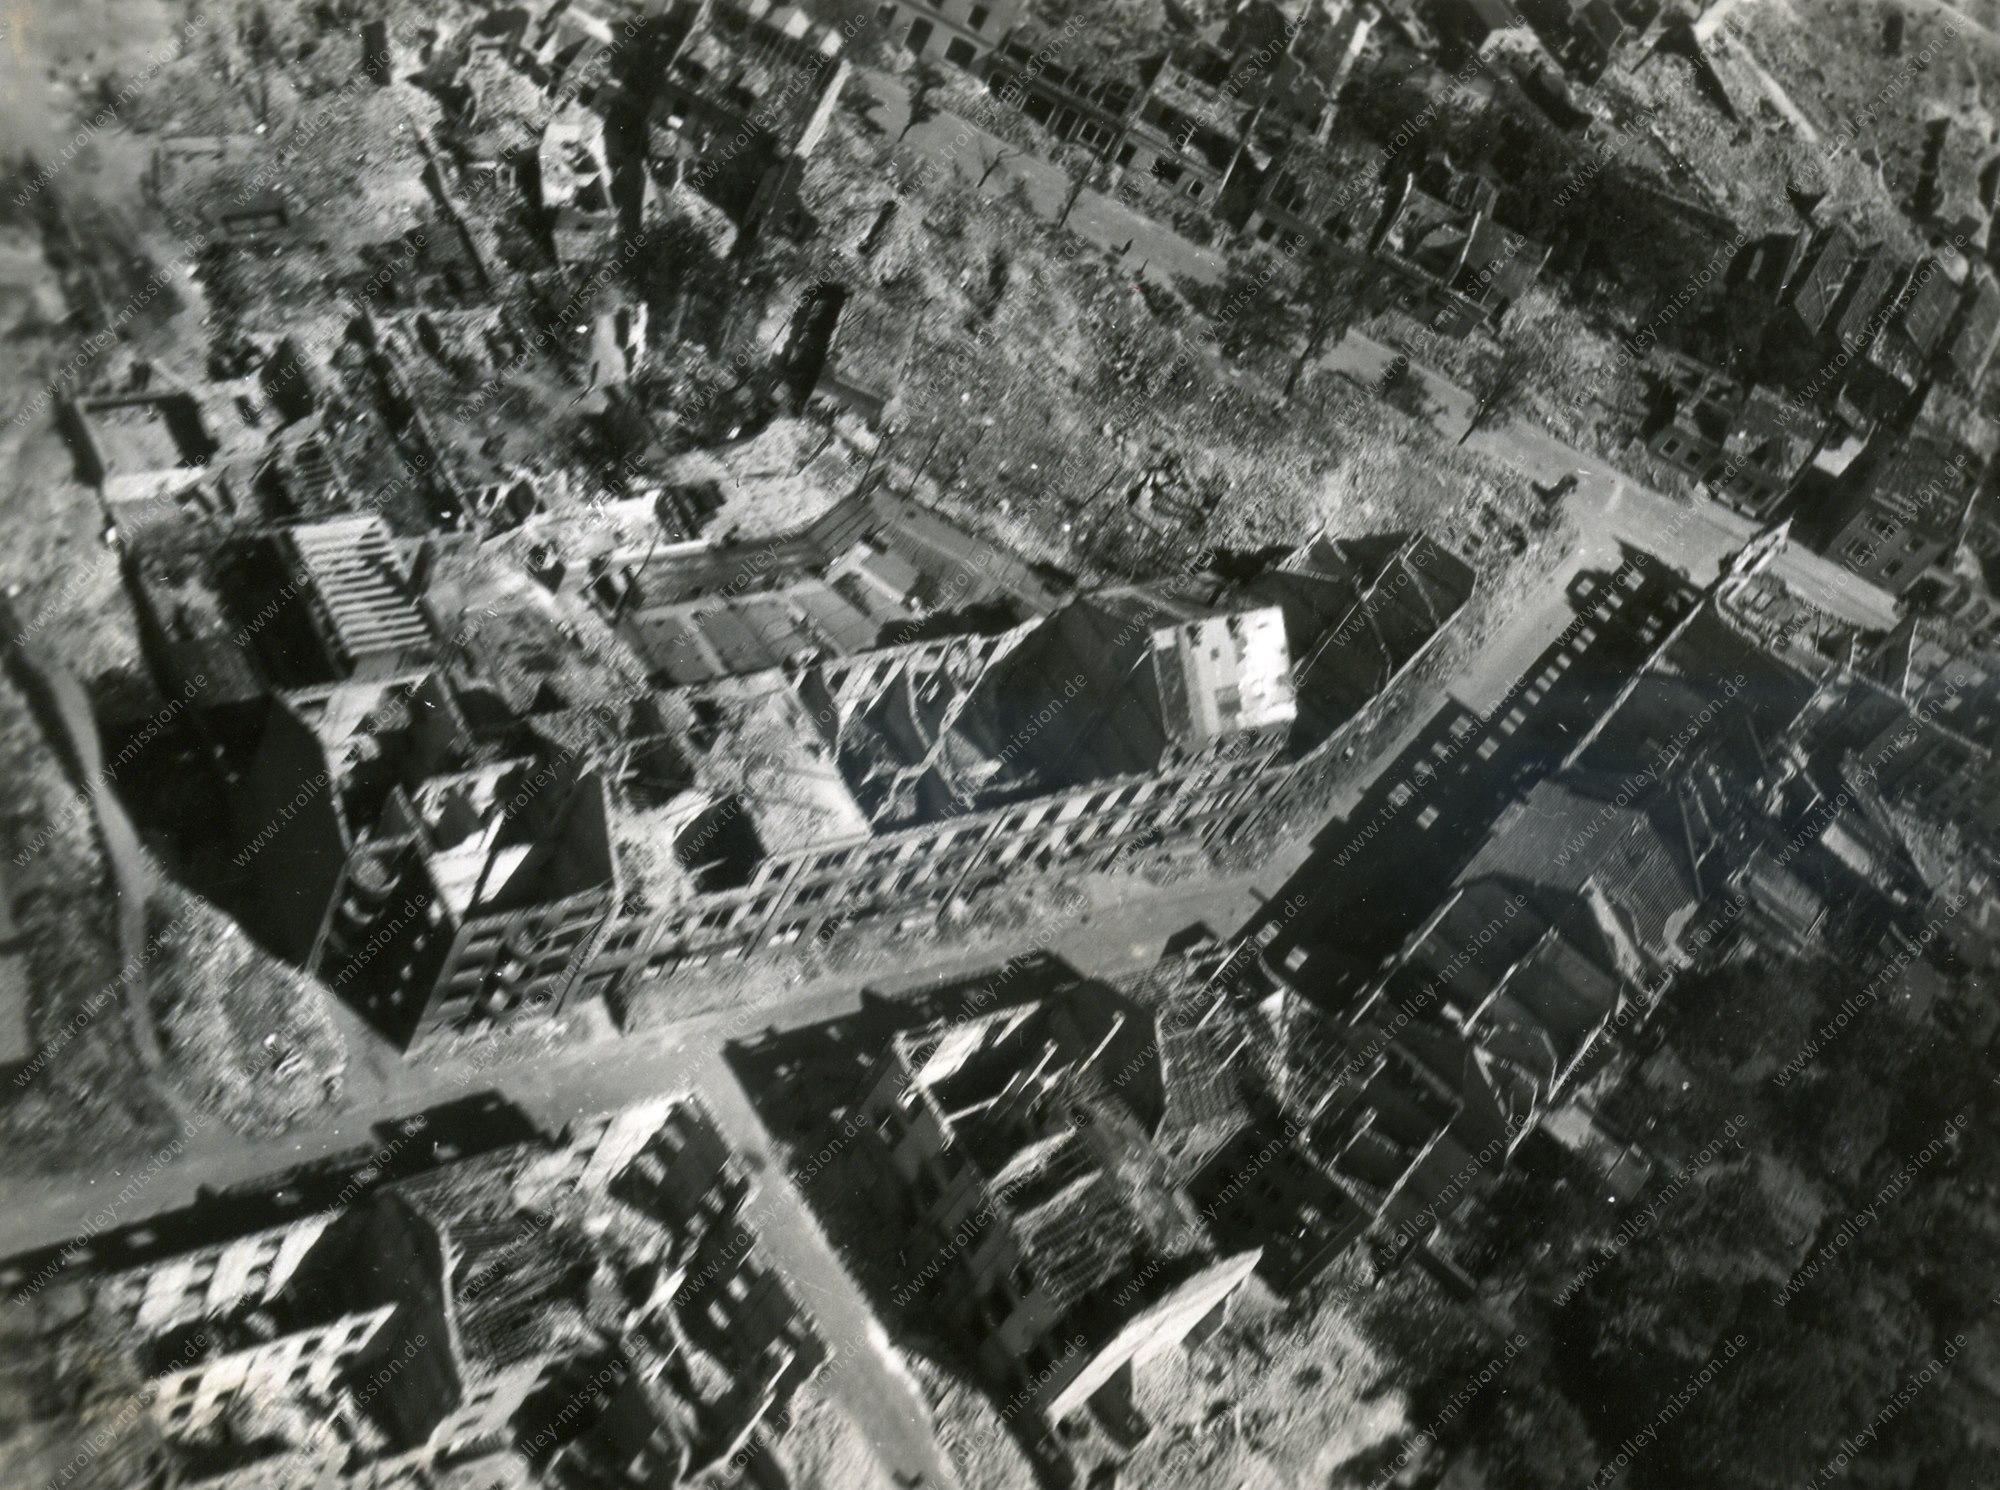 Mannheim im Zweiten Weltkrieg: Luftbild der von Fliegerbomben zerstörten Häuser entlang der Mönchwörthstraße im Stadtteil Neckarau {3}